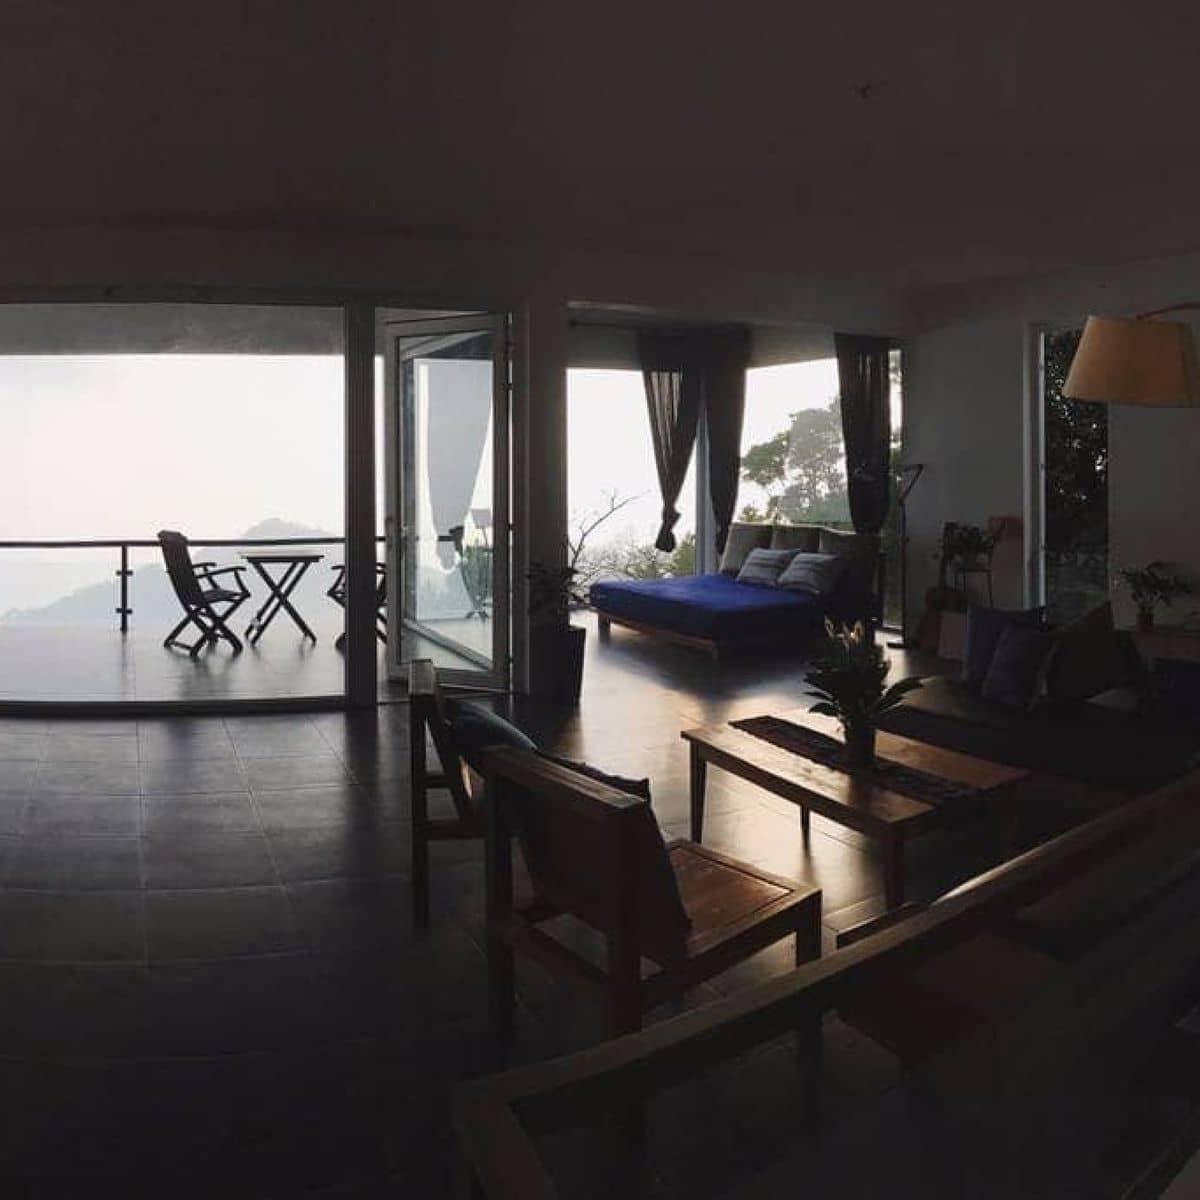 Kinh nghiệm du lịch Tam Đảo tự túc